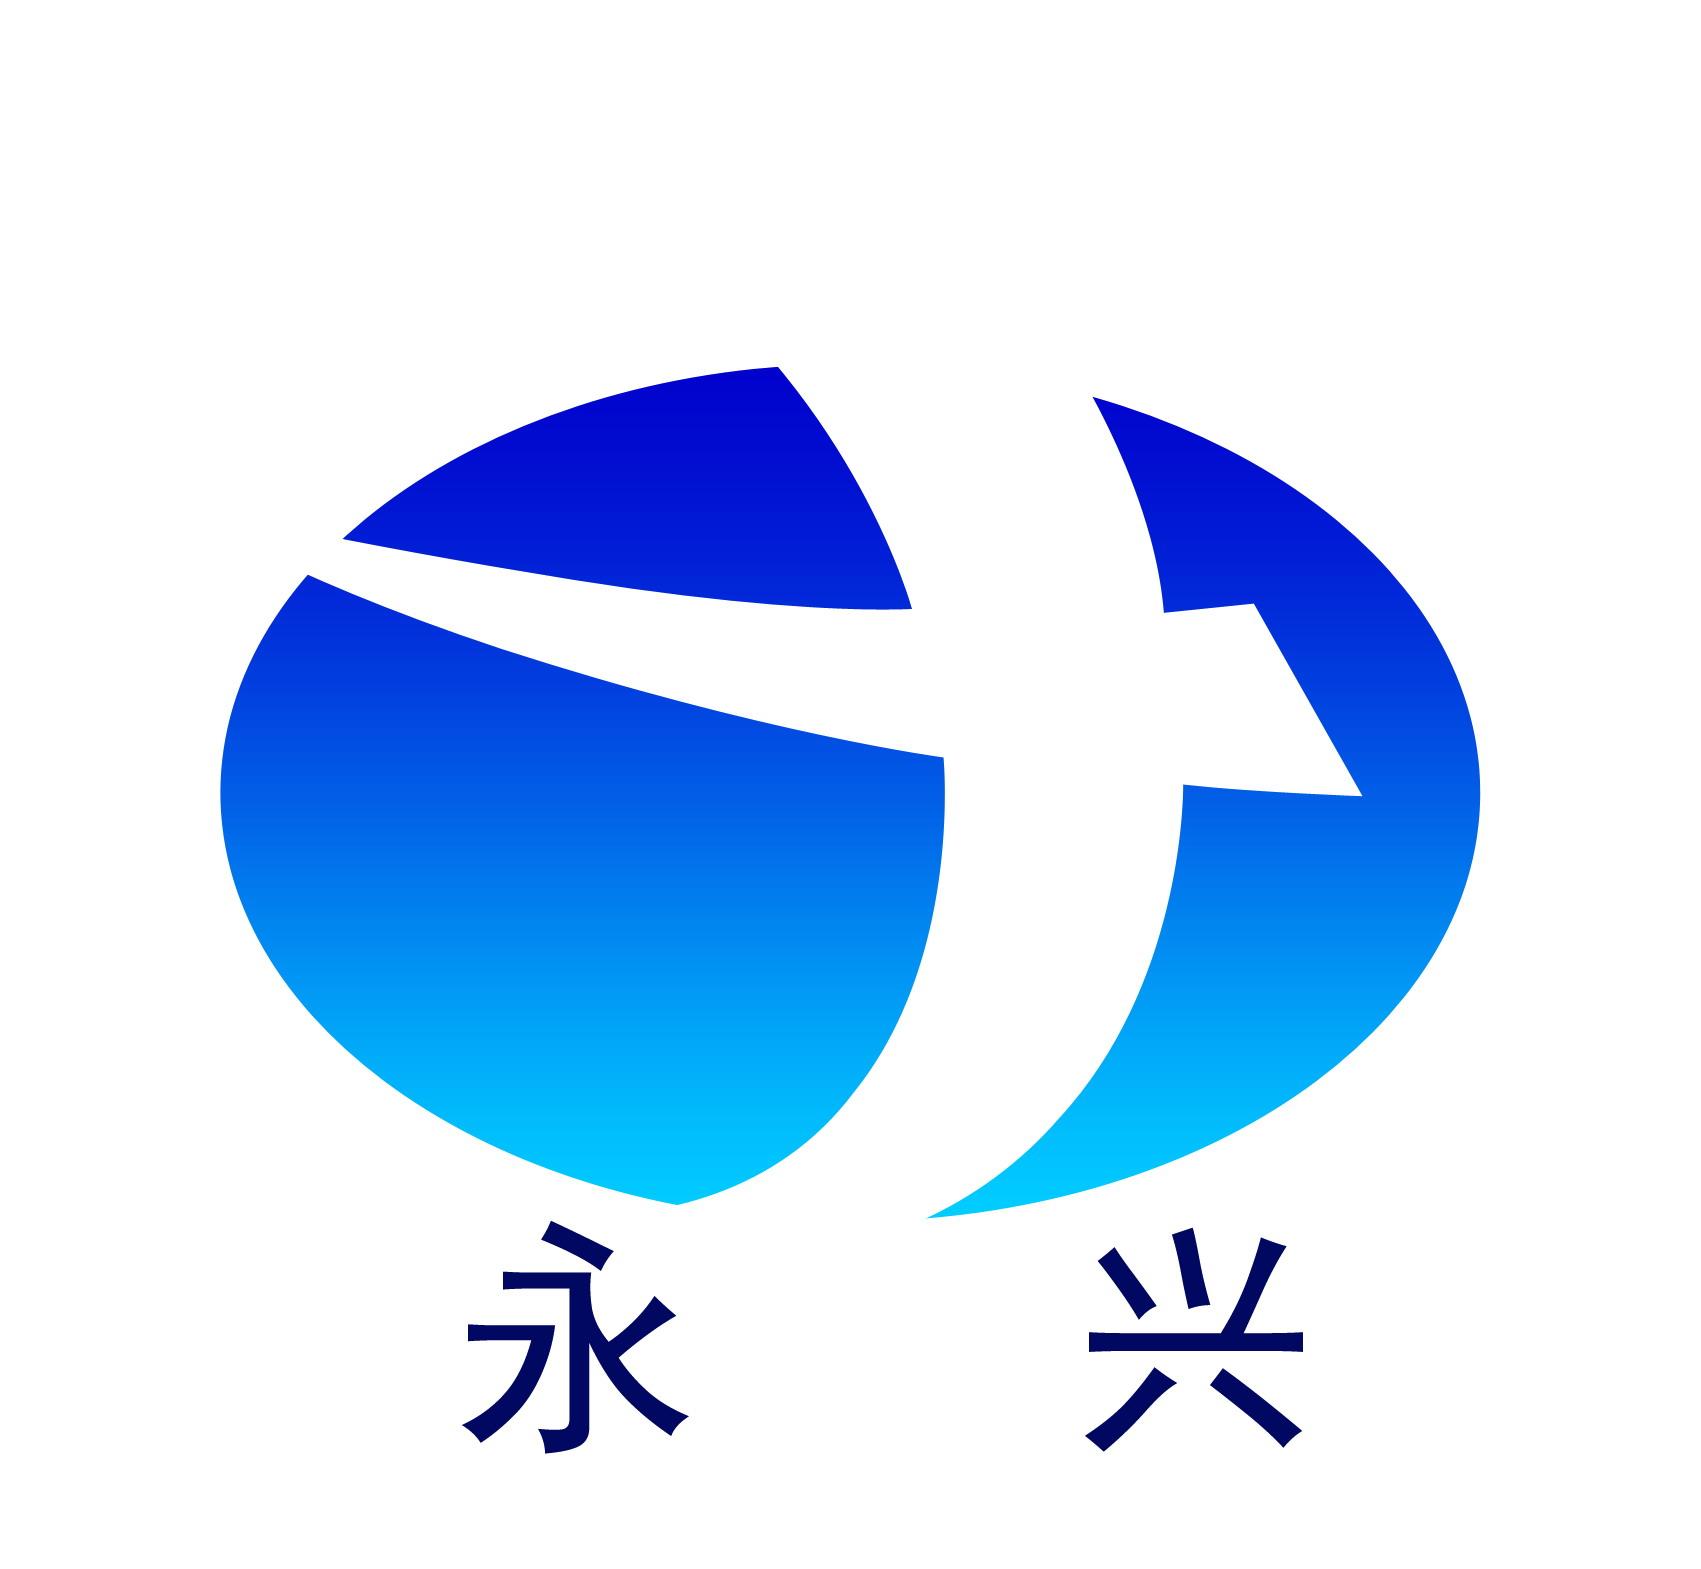 logo logo 标志 设计 矢量 矢量图 素材 图标 1701_1569